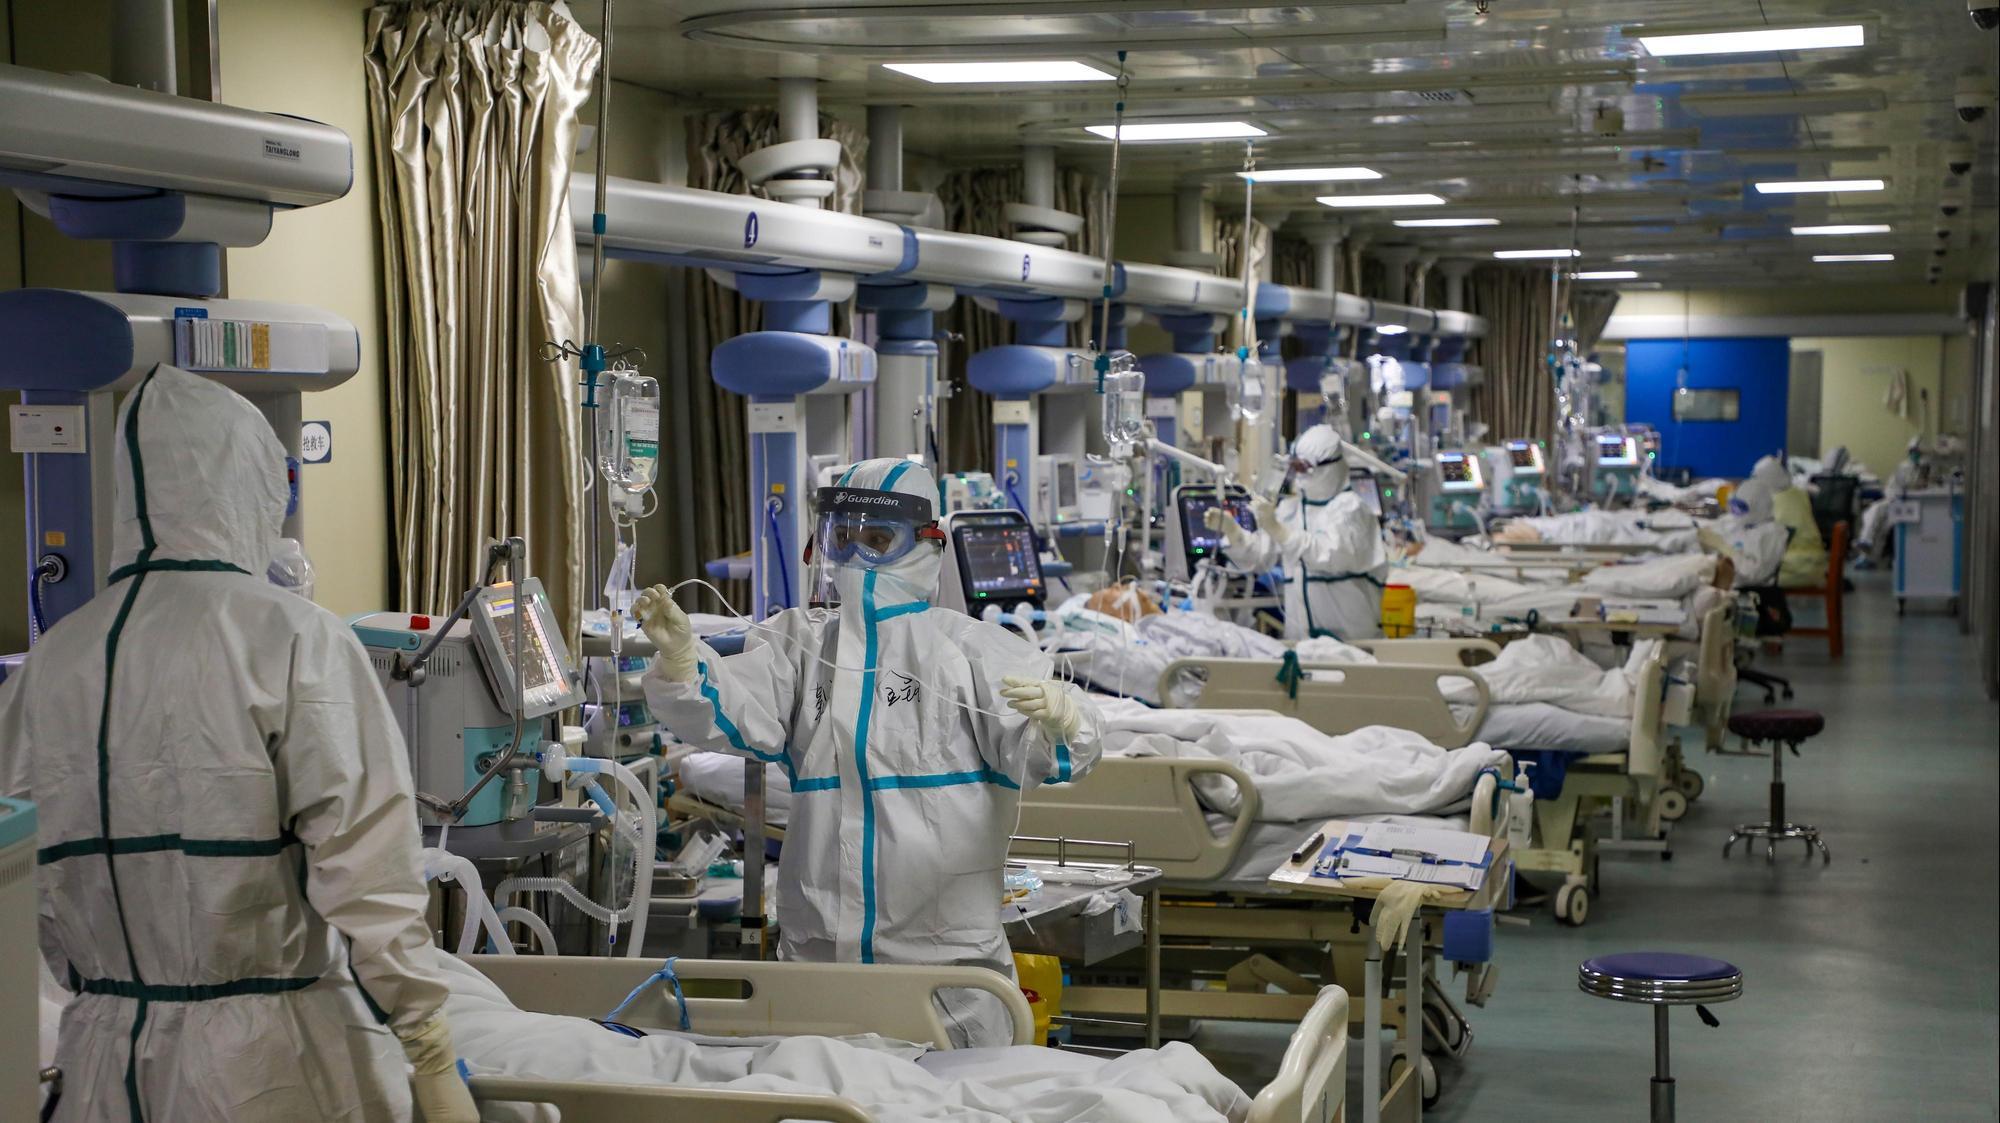 רופאים מטפלים בחולי קורונה בבית חולים בווהאן שבסין, 9 בפברואר 2020. רויטרס